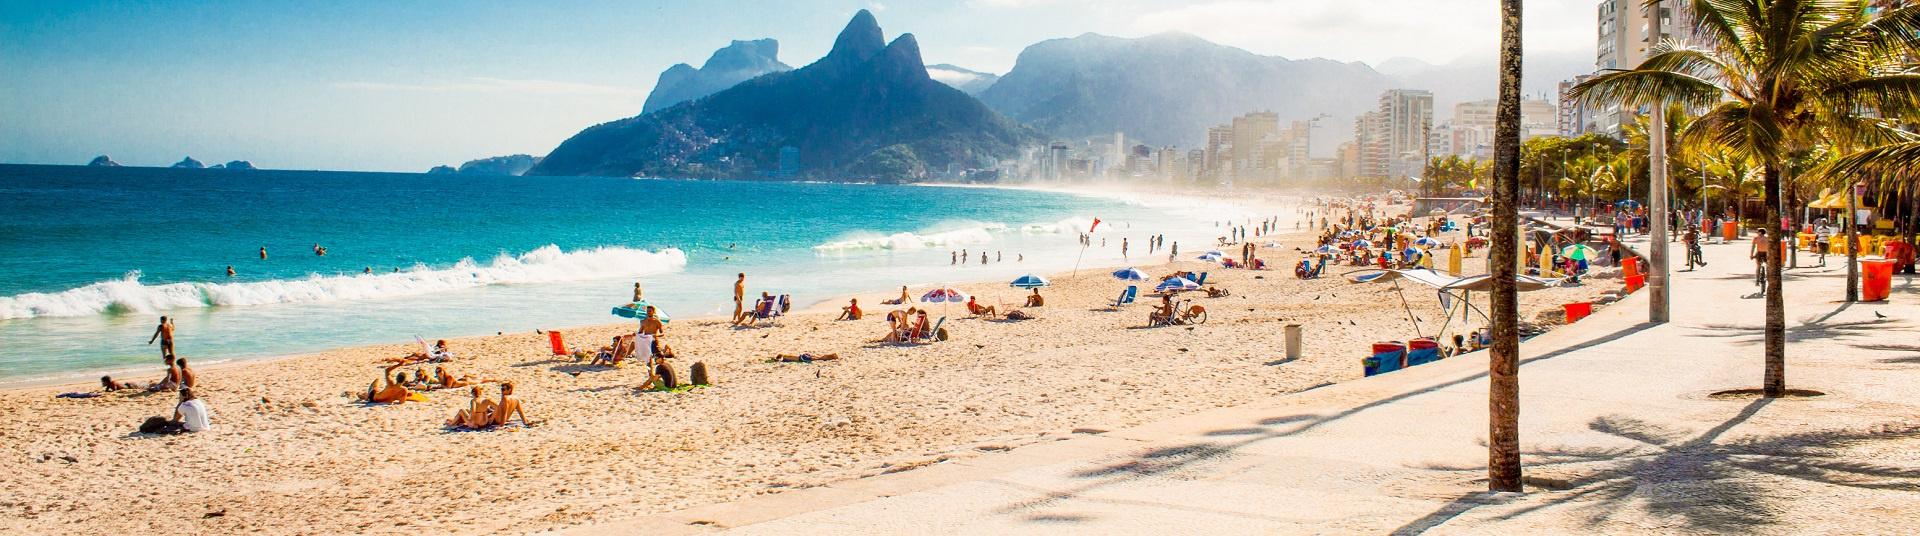 Week-end pas cher Rio de Janeiro